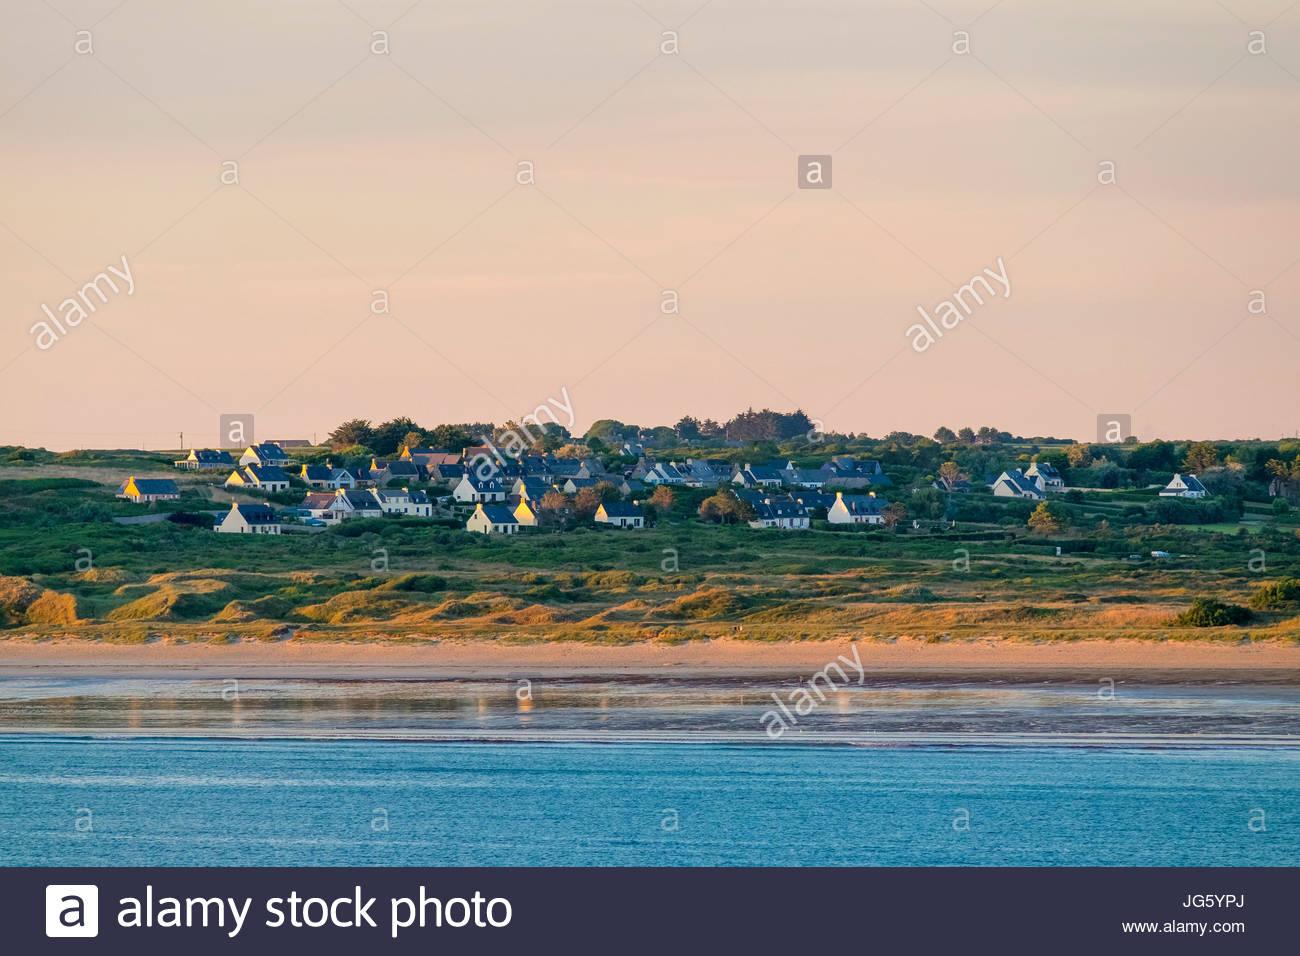 France, Brittany (Bretagne), Finistere, Crozon. Village of Kerloc'h, Presqu'ile de Crozon, Parc naturel - Stock Image